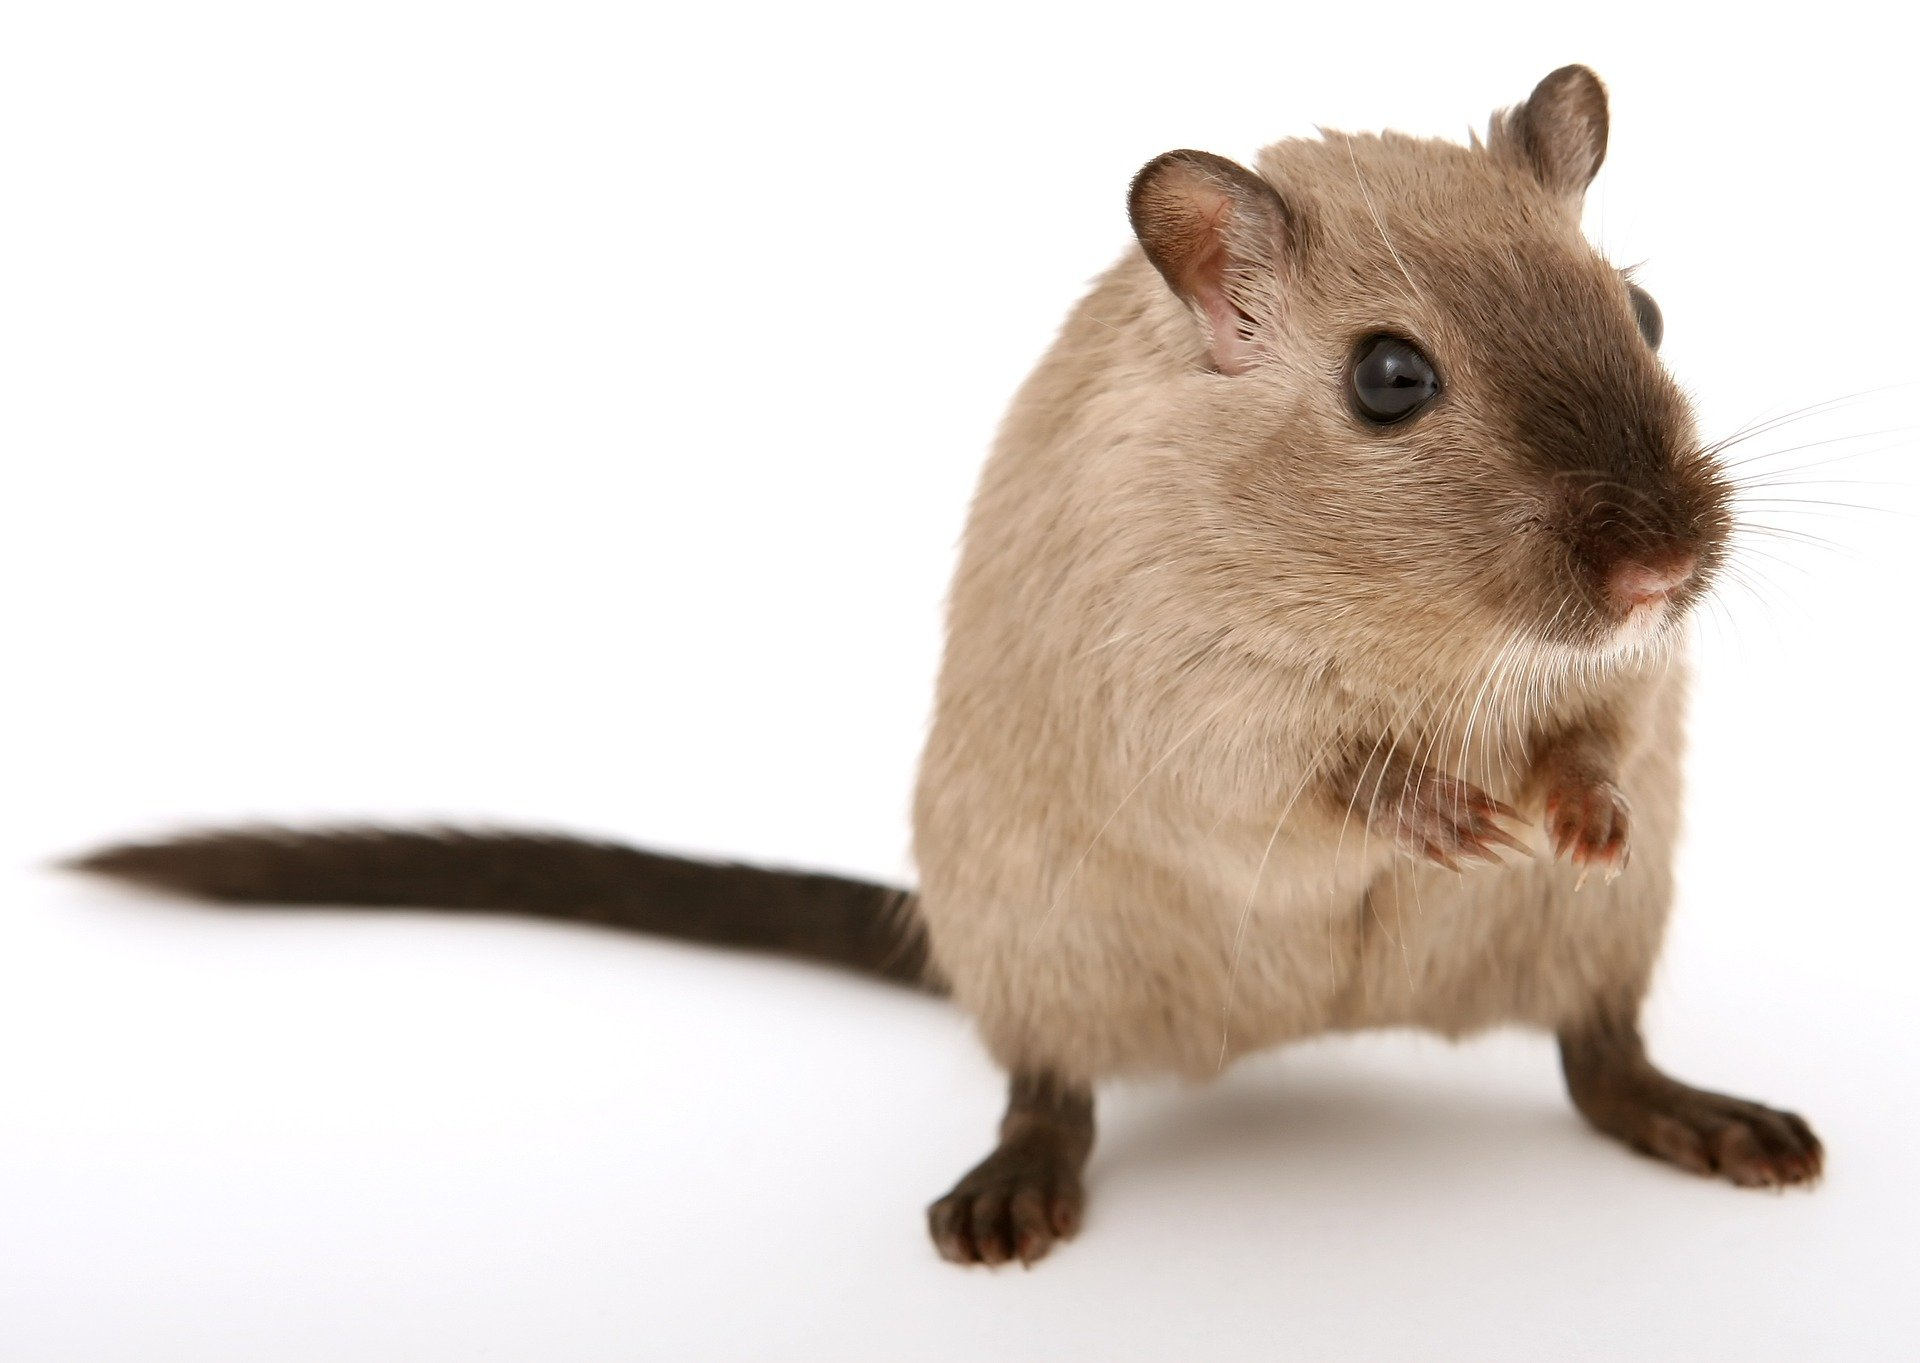 Myszoskoczek: kopacz z mongolskich stepów